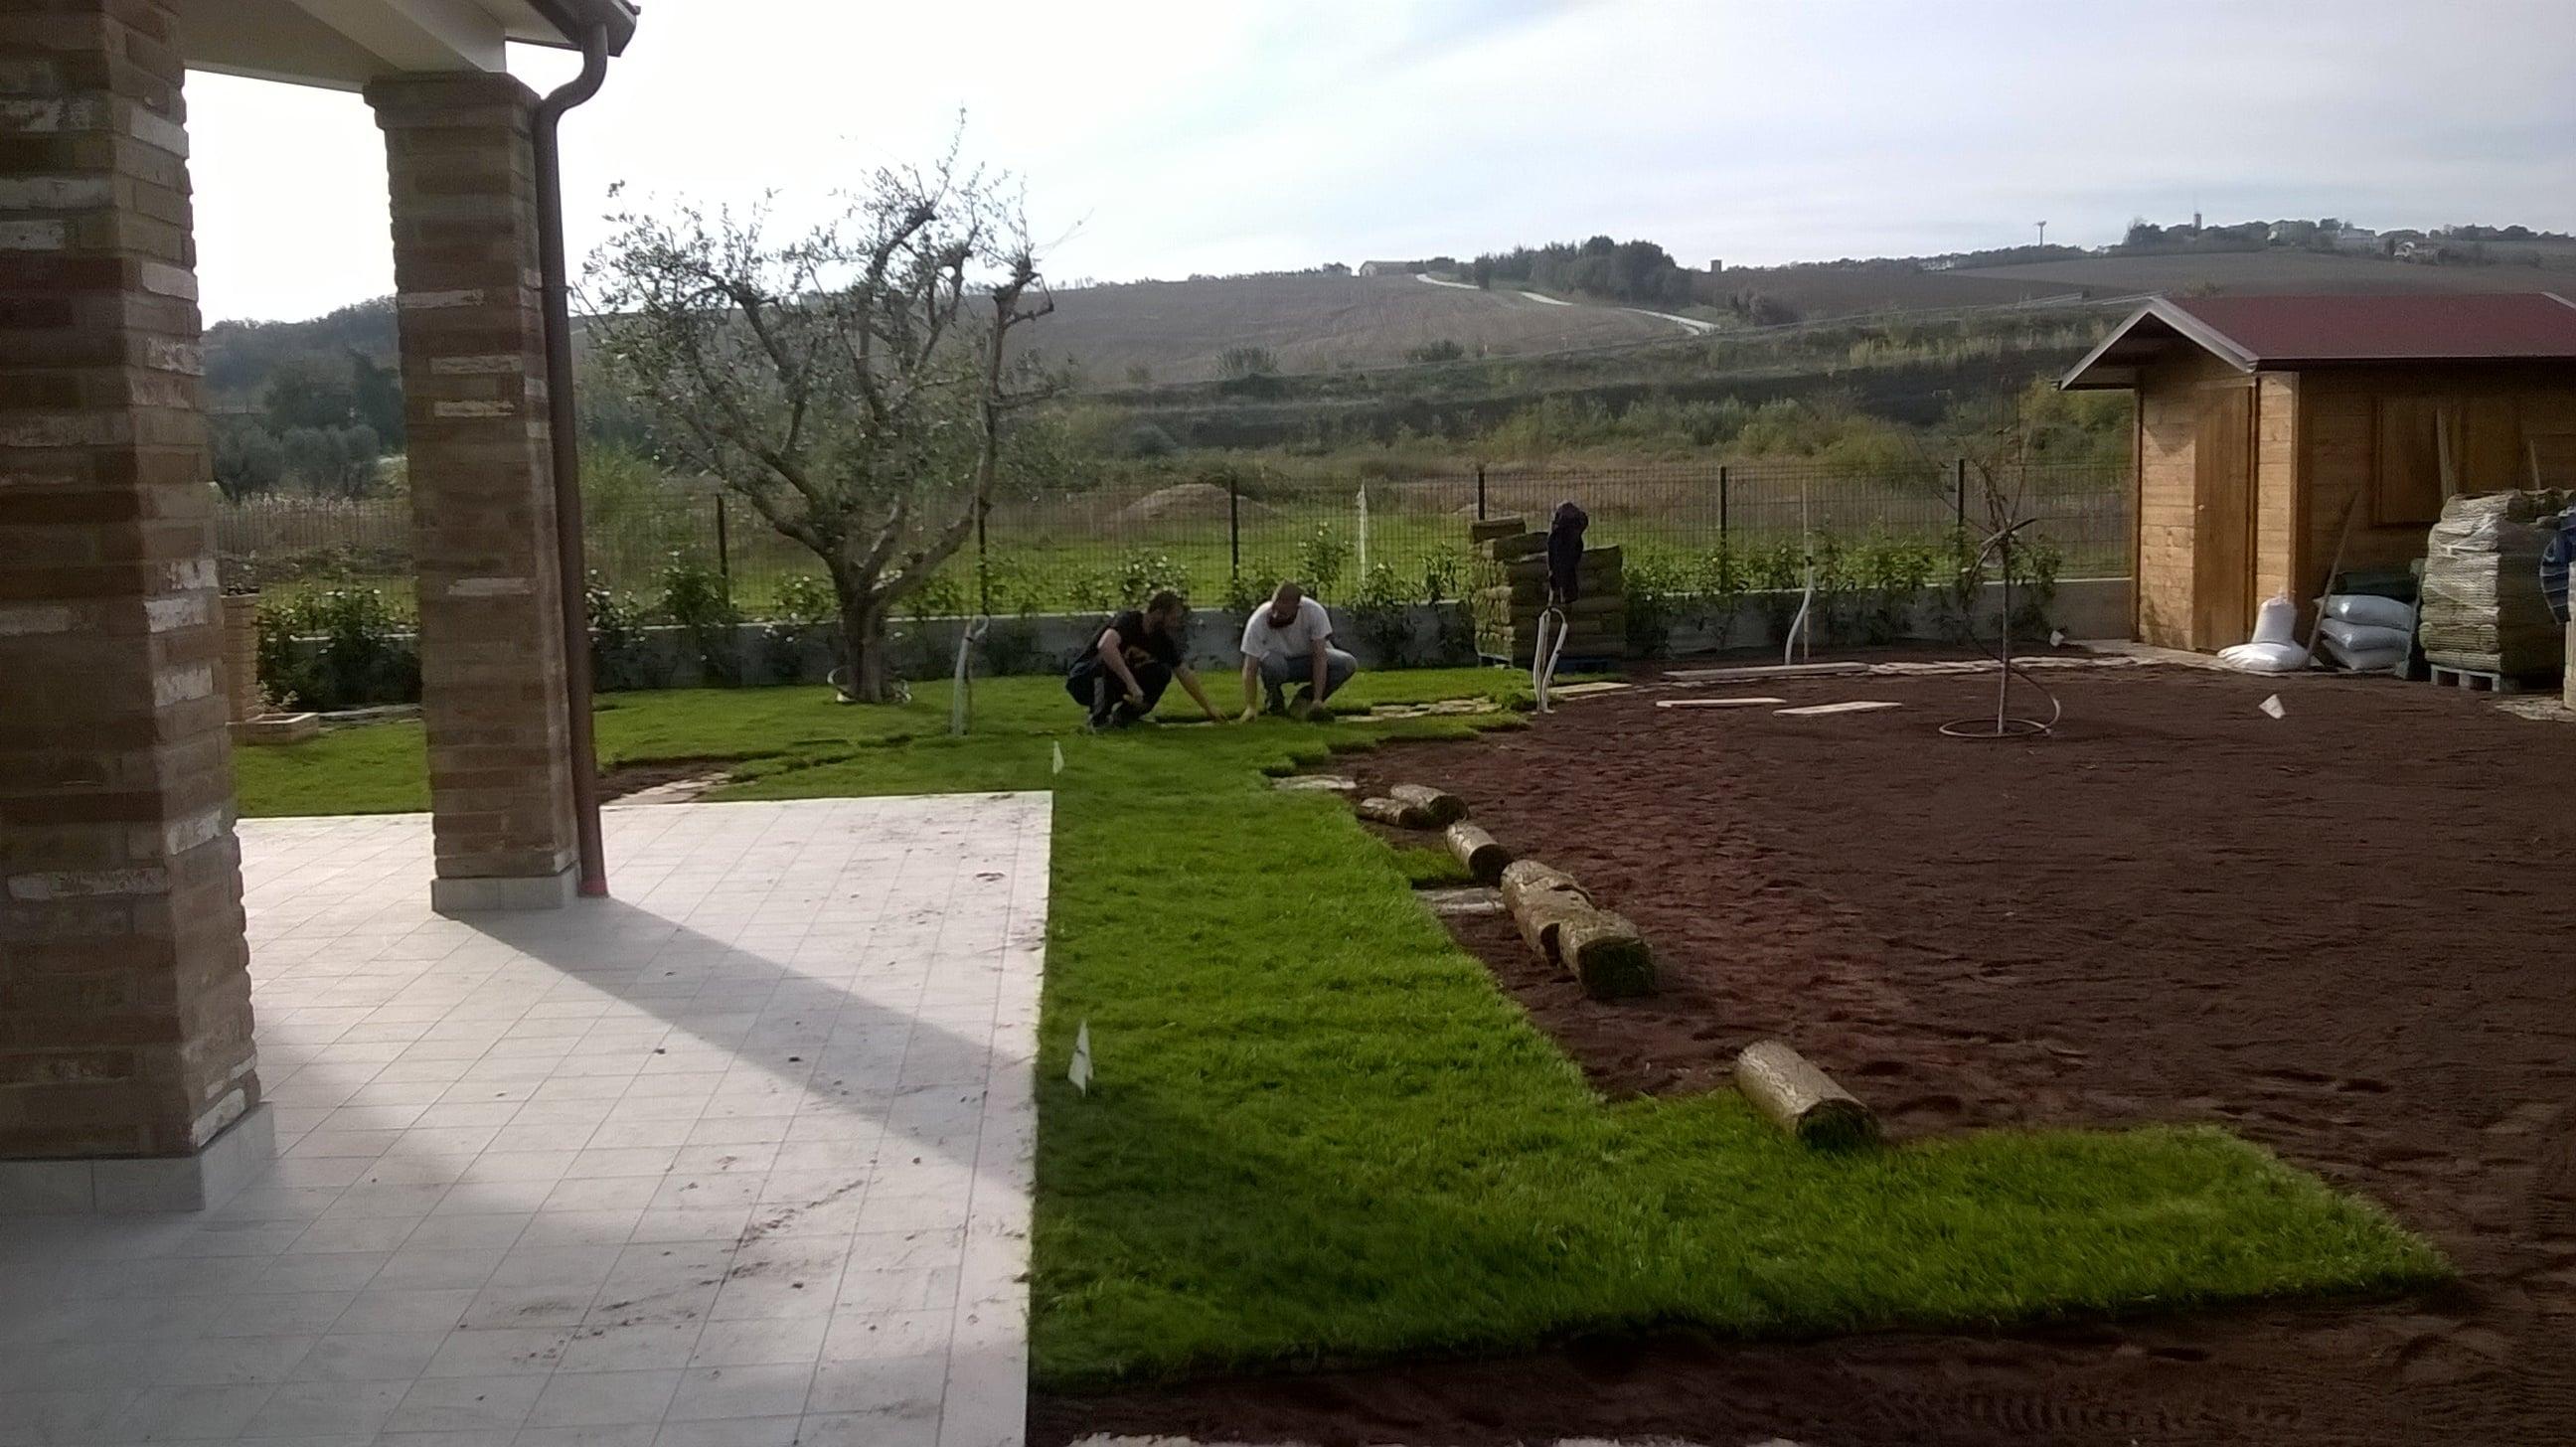 Dal ben giardini e progettazione giardino villetta mekan for Arredo giardino rimini